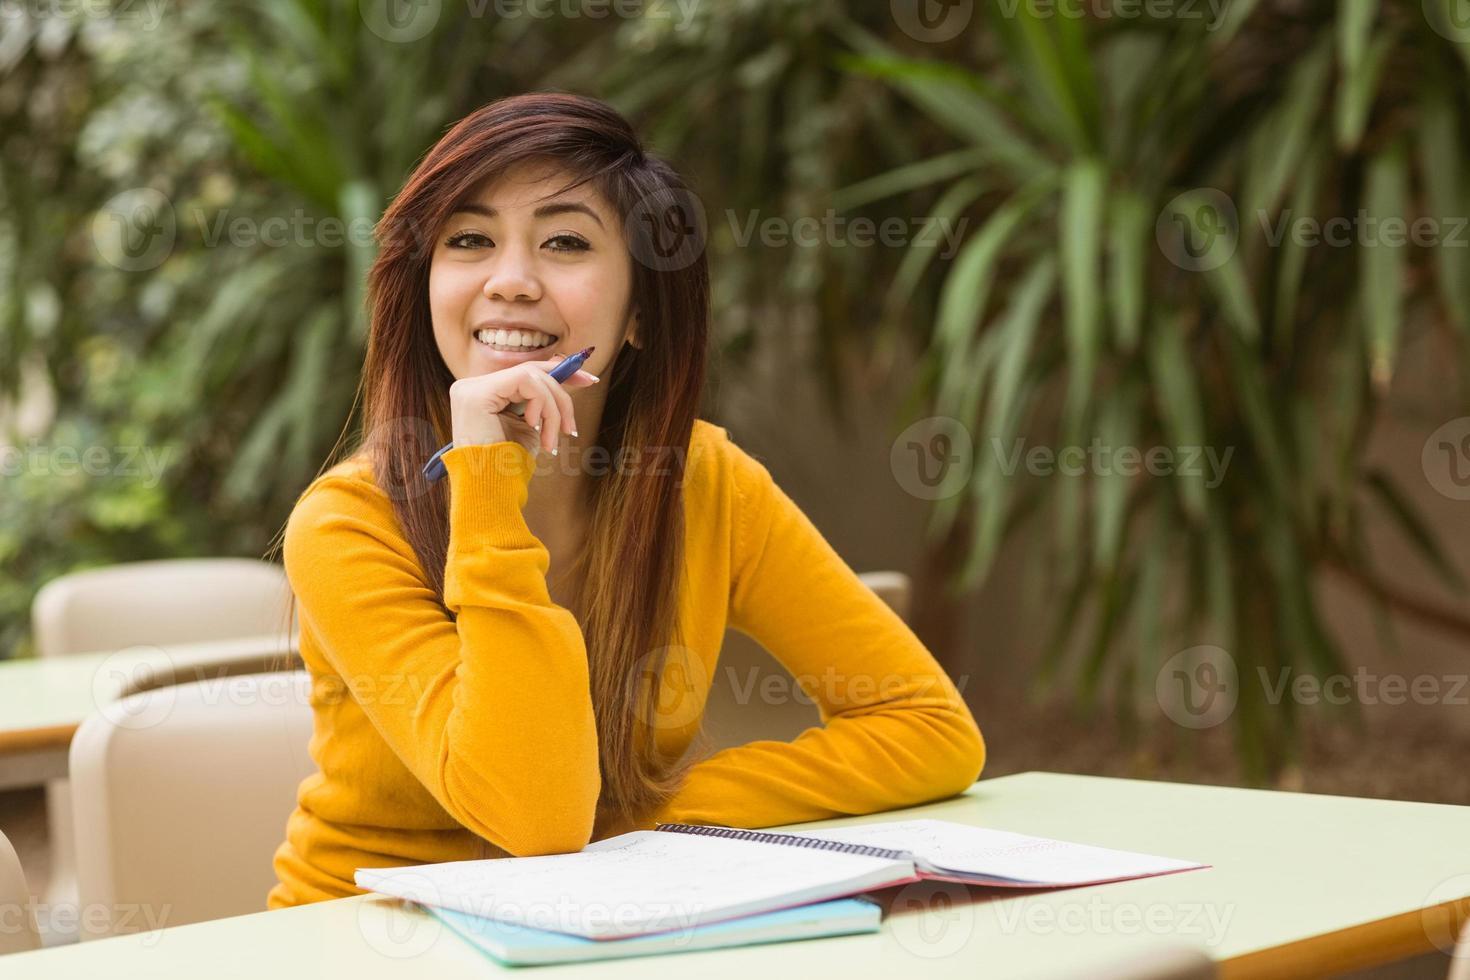 Studentin macht Hausaufgaben foto